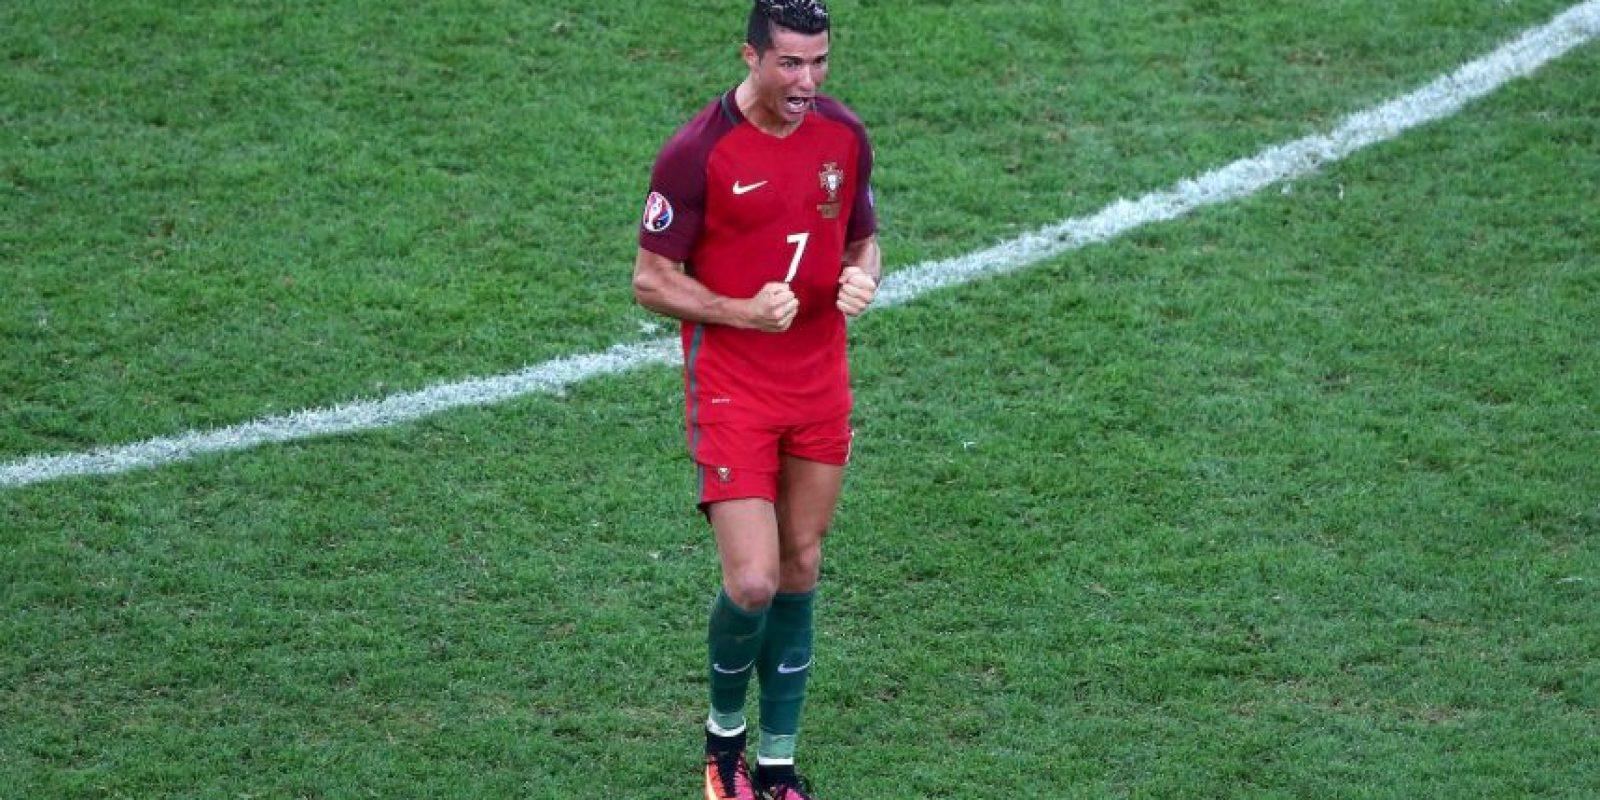 Un choque de estrellas en las semifinales de la Eurocopa Foto:Getty Images